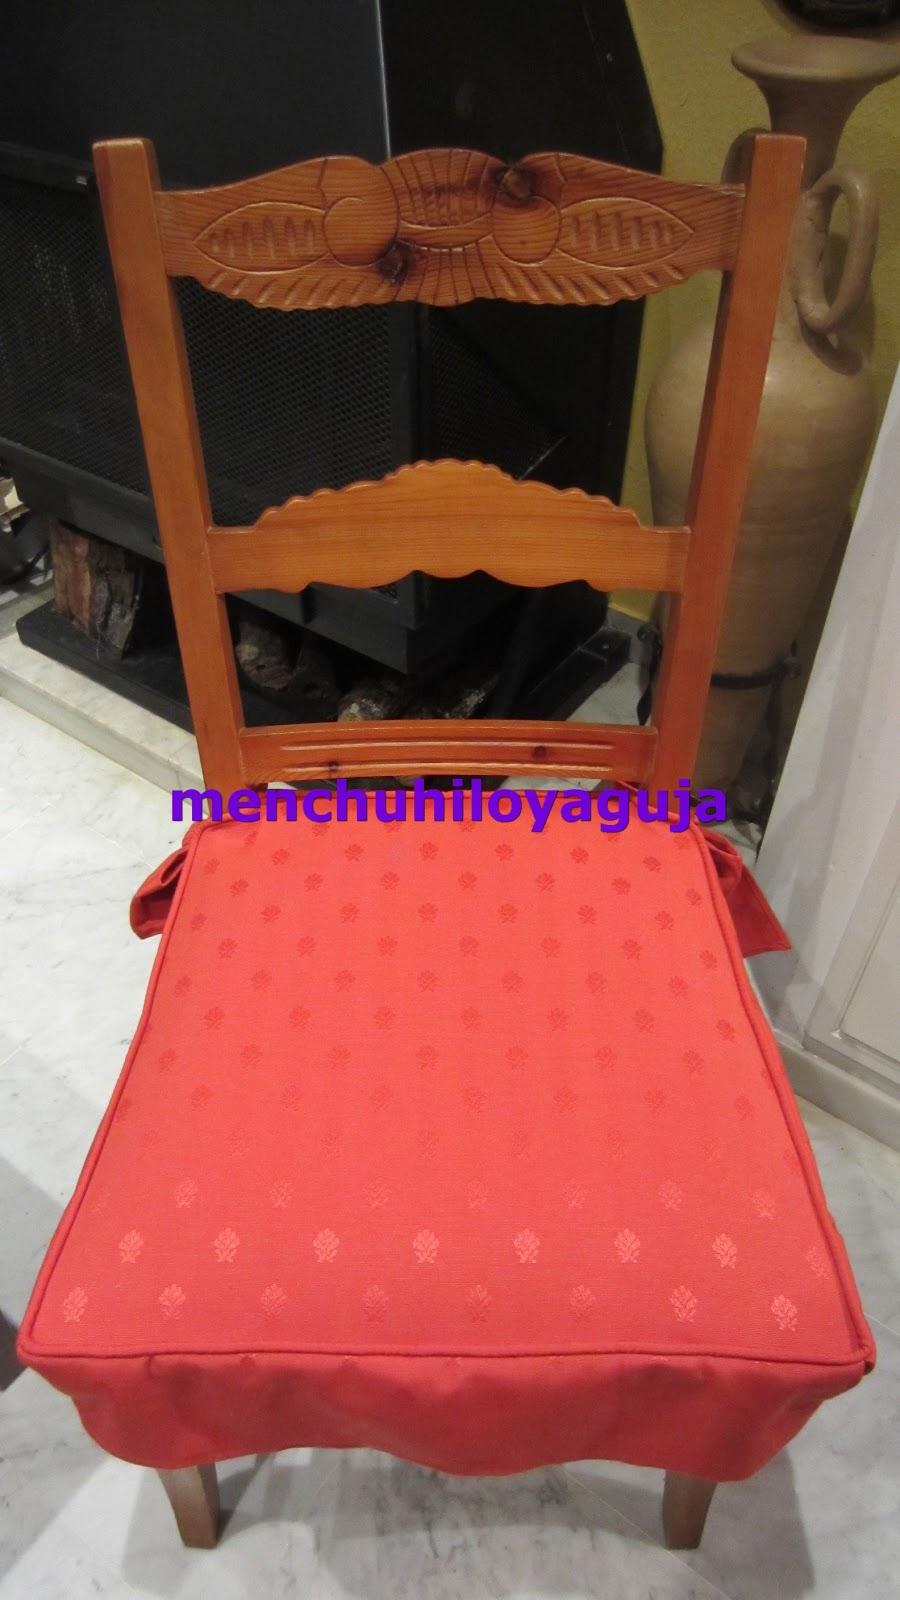 Patrones de costura fundas para sillas 2 for Fundas asiento sillas comedor